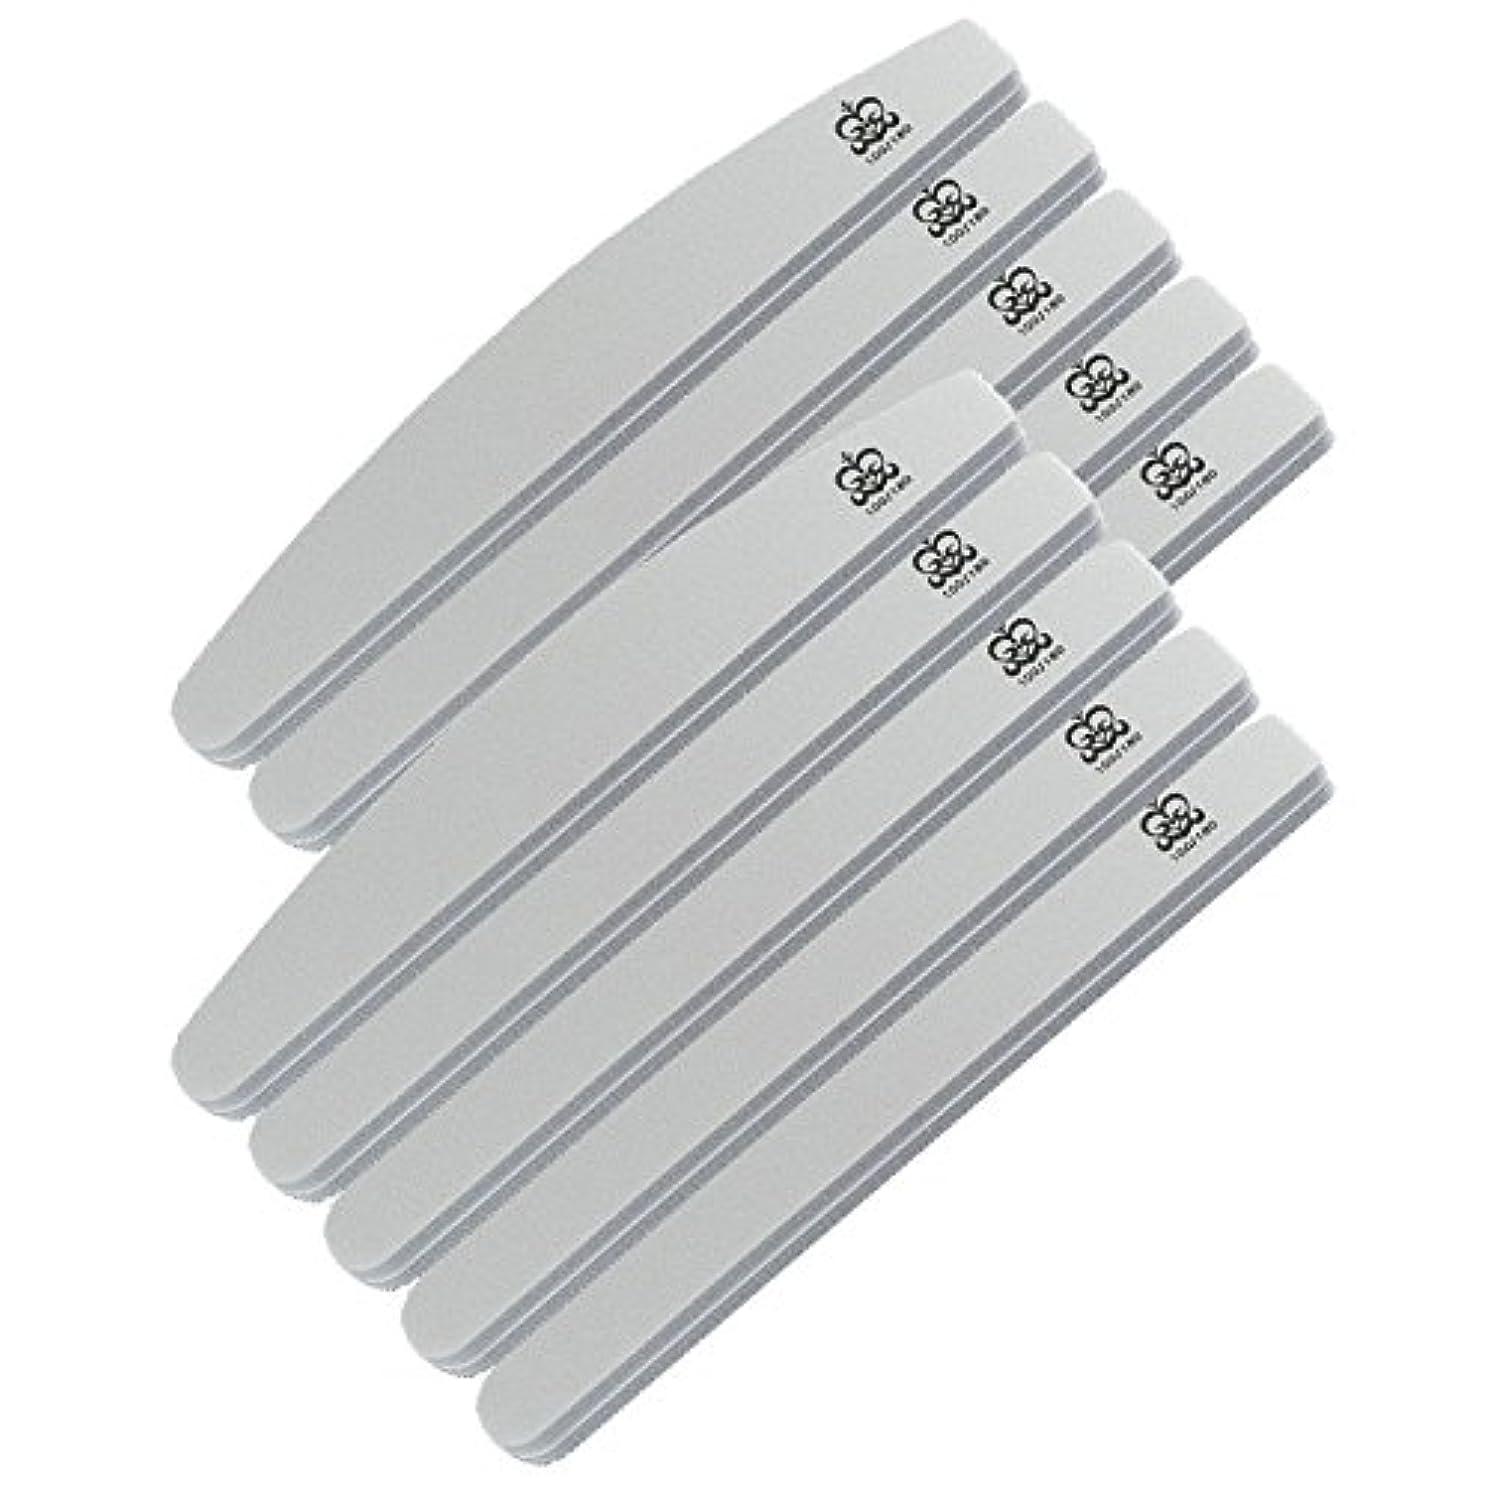 レディグリル練習ミクレア(MICREA) ミクレア プロフェッショナルスポンジファイル バリューパック ムーン型 100/180 10本入